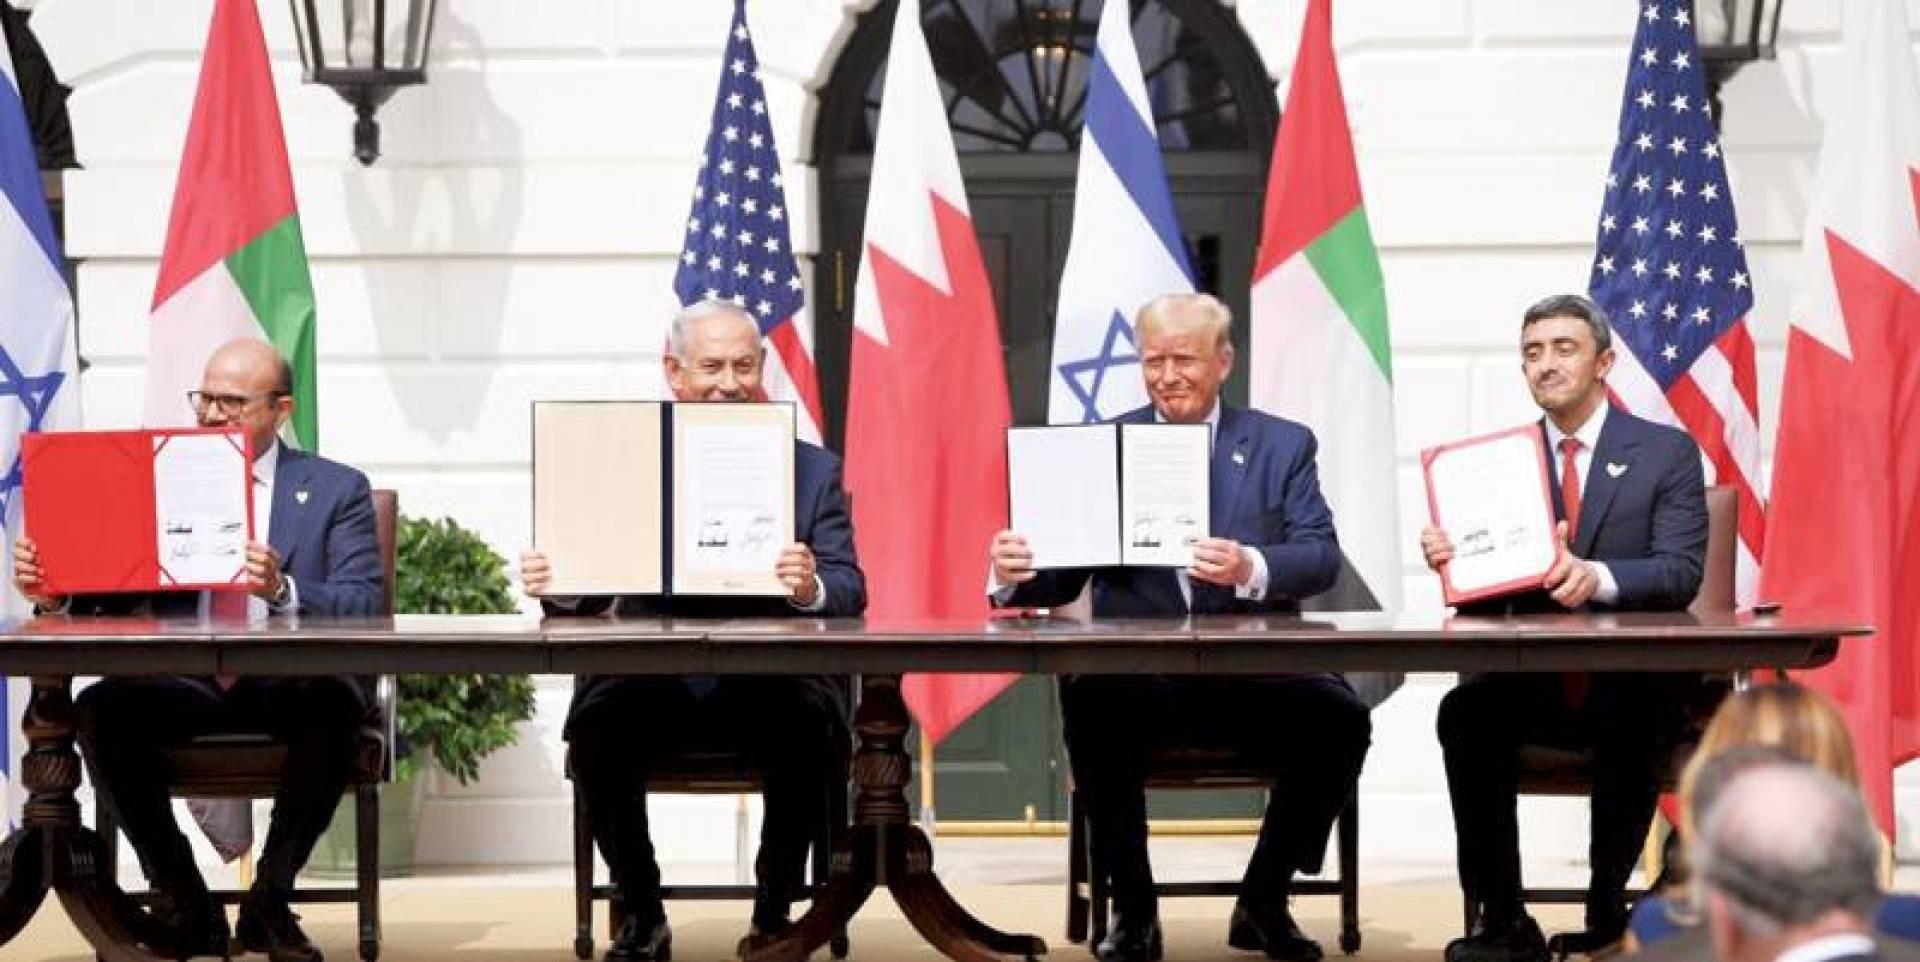 المشاريع المشتركة ما بين الكيان الصهيوني وكيانات الخليج واتفاقات التطبيع ما هي إلا أضغاث أحلام